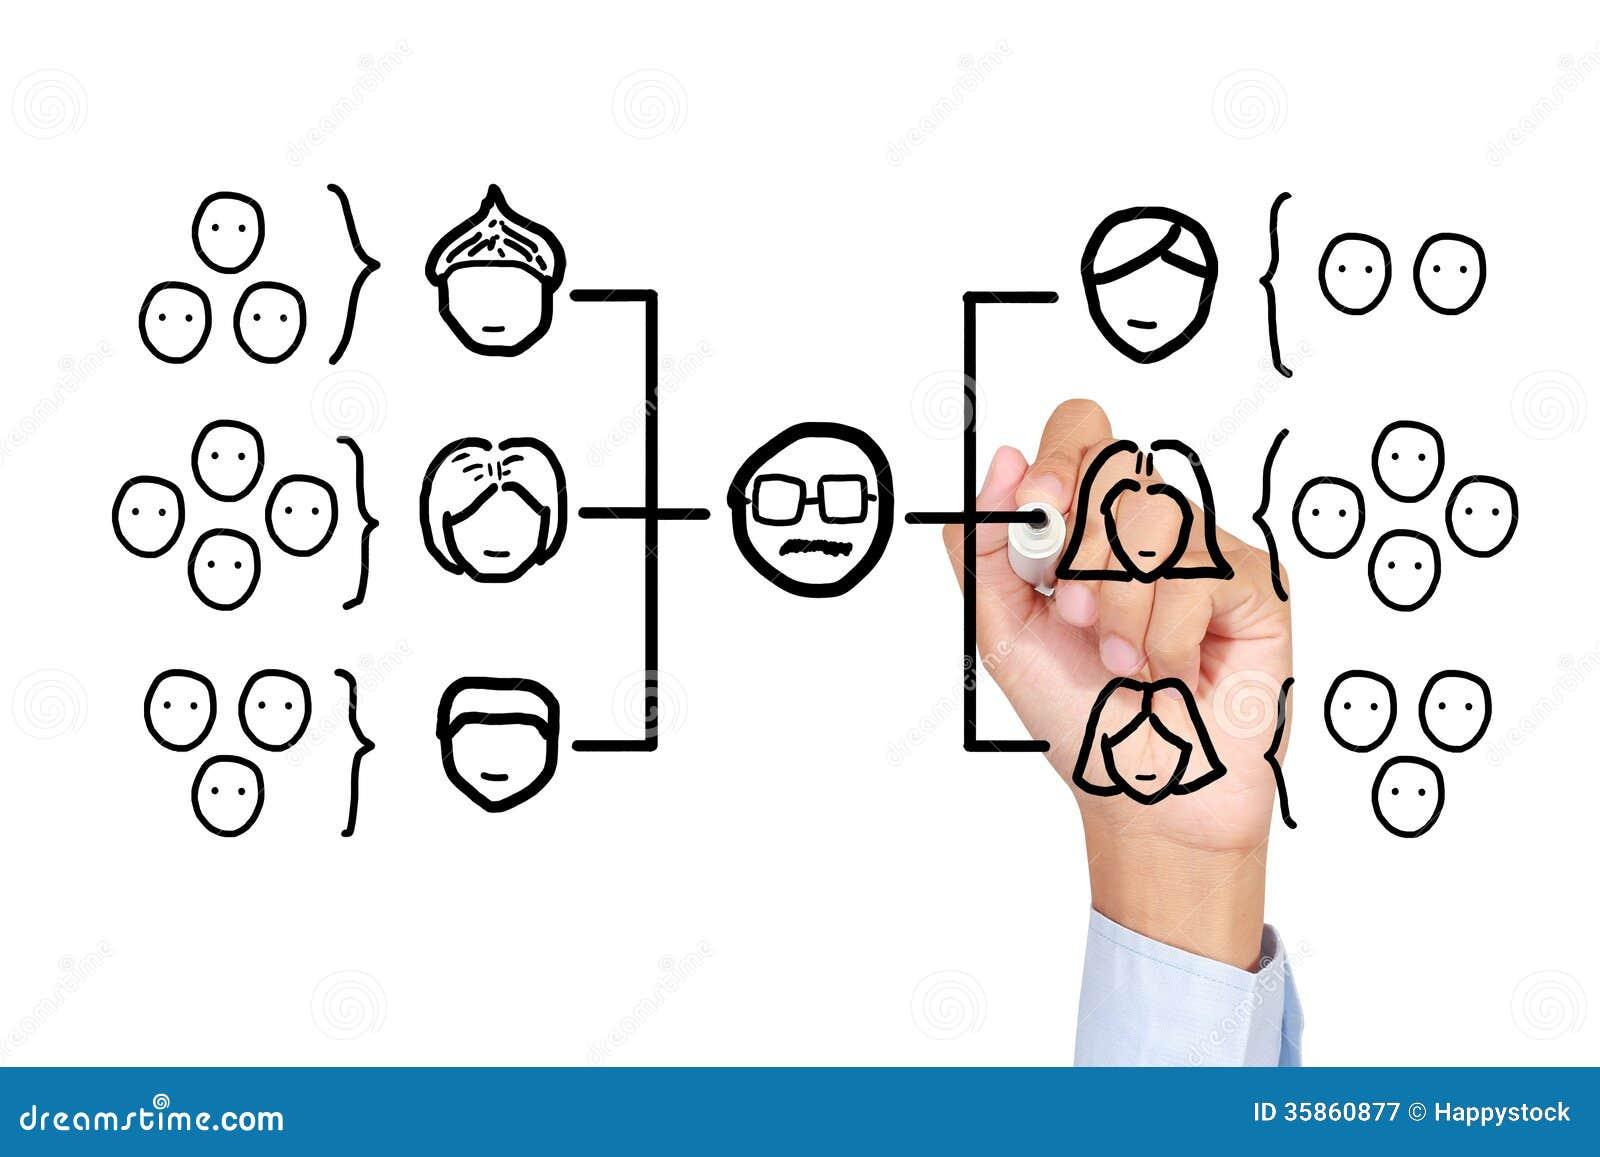 Boss employee relationship - 2 part 1